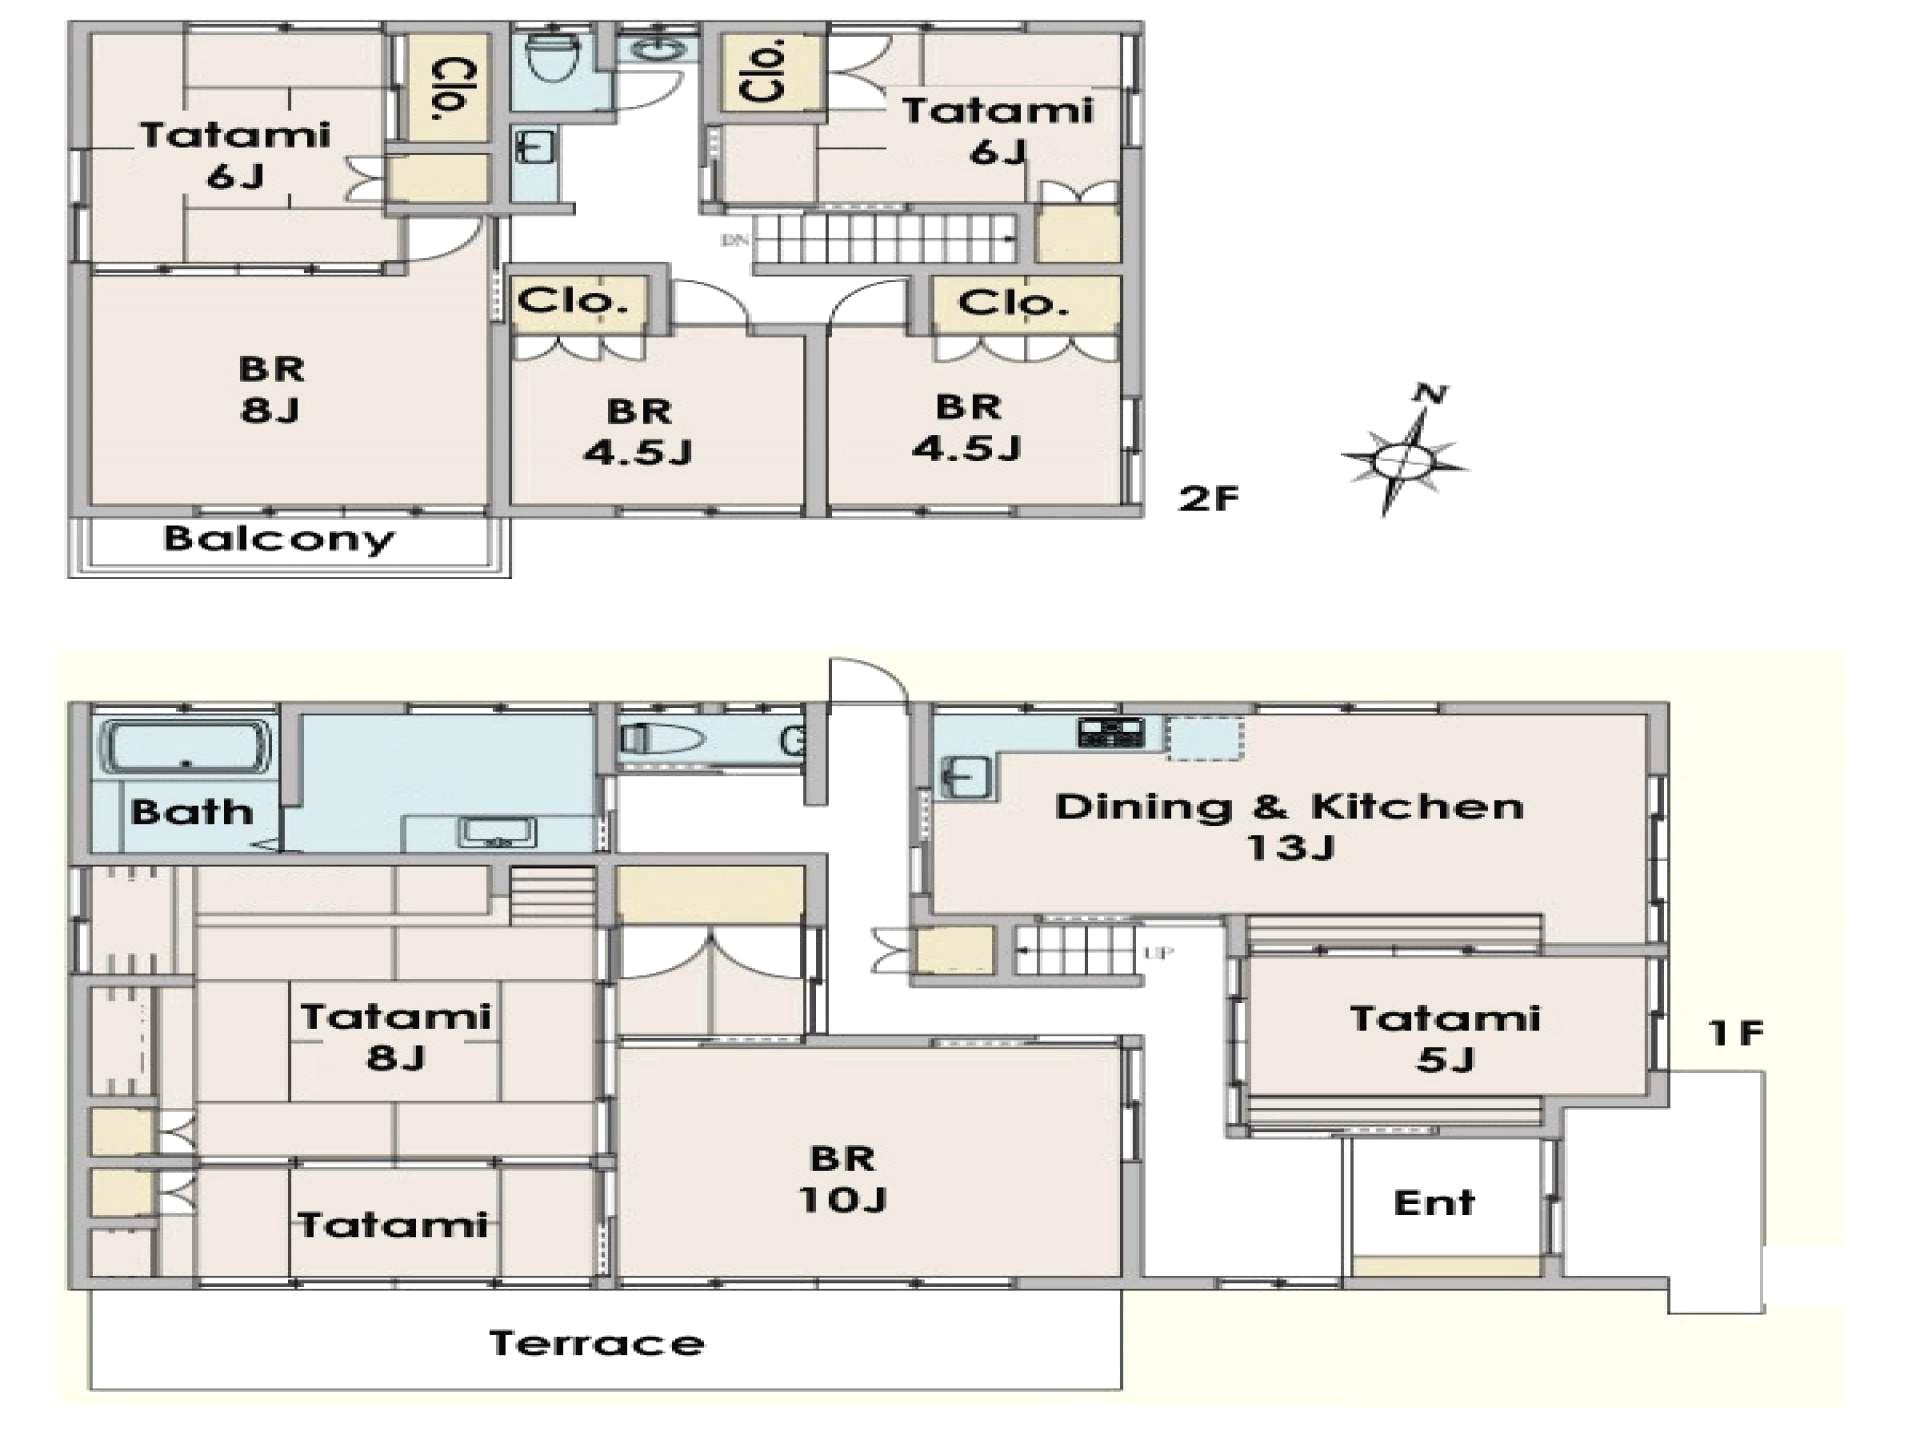 hardrock homes floor plans fresh restaurant floor plan fresh resultado de imagen para hard rock cafe 2